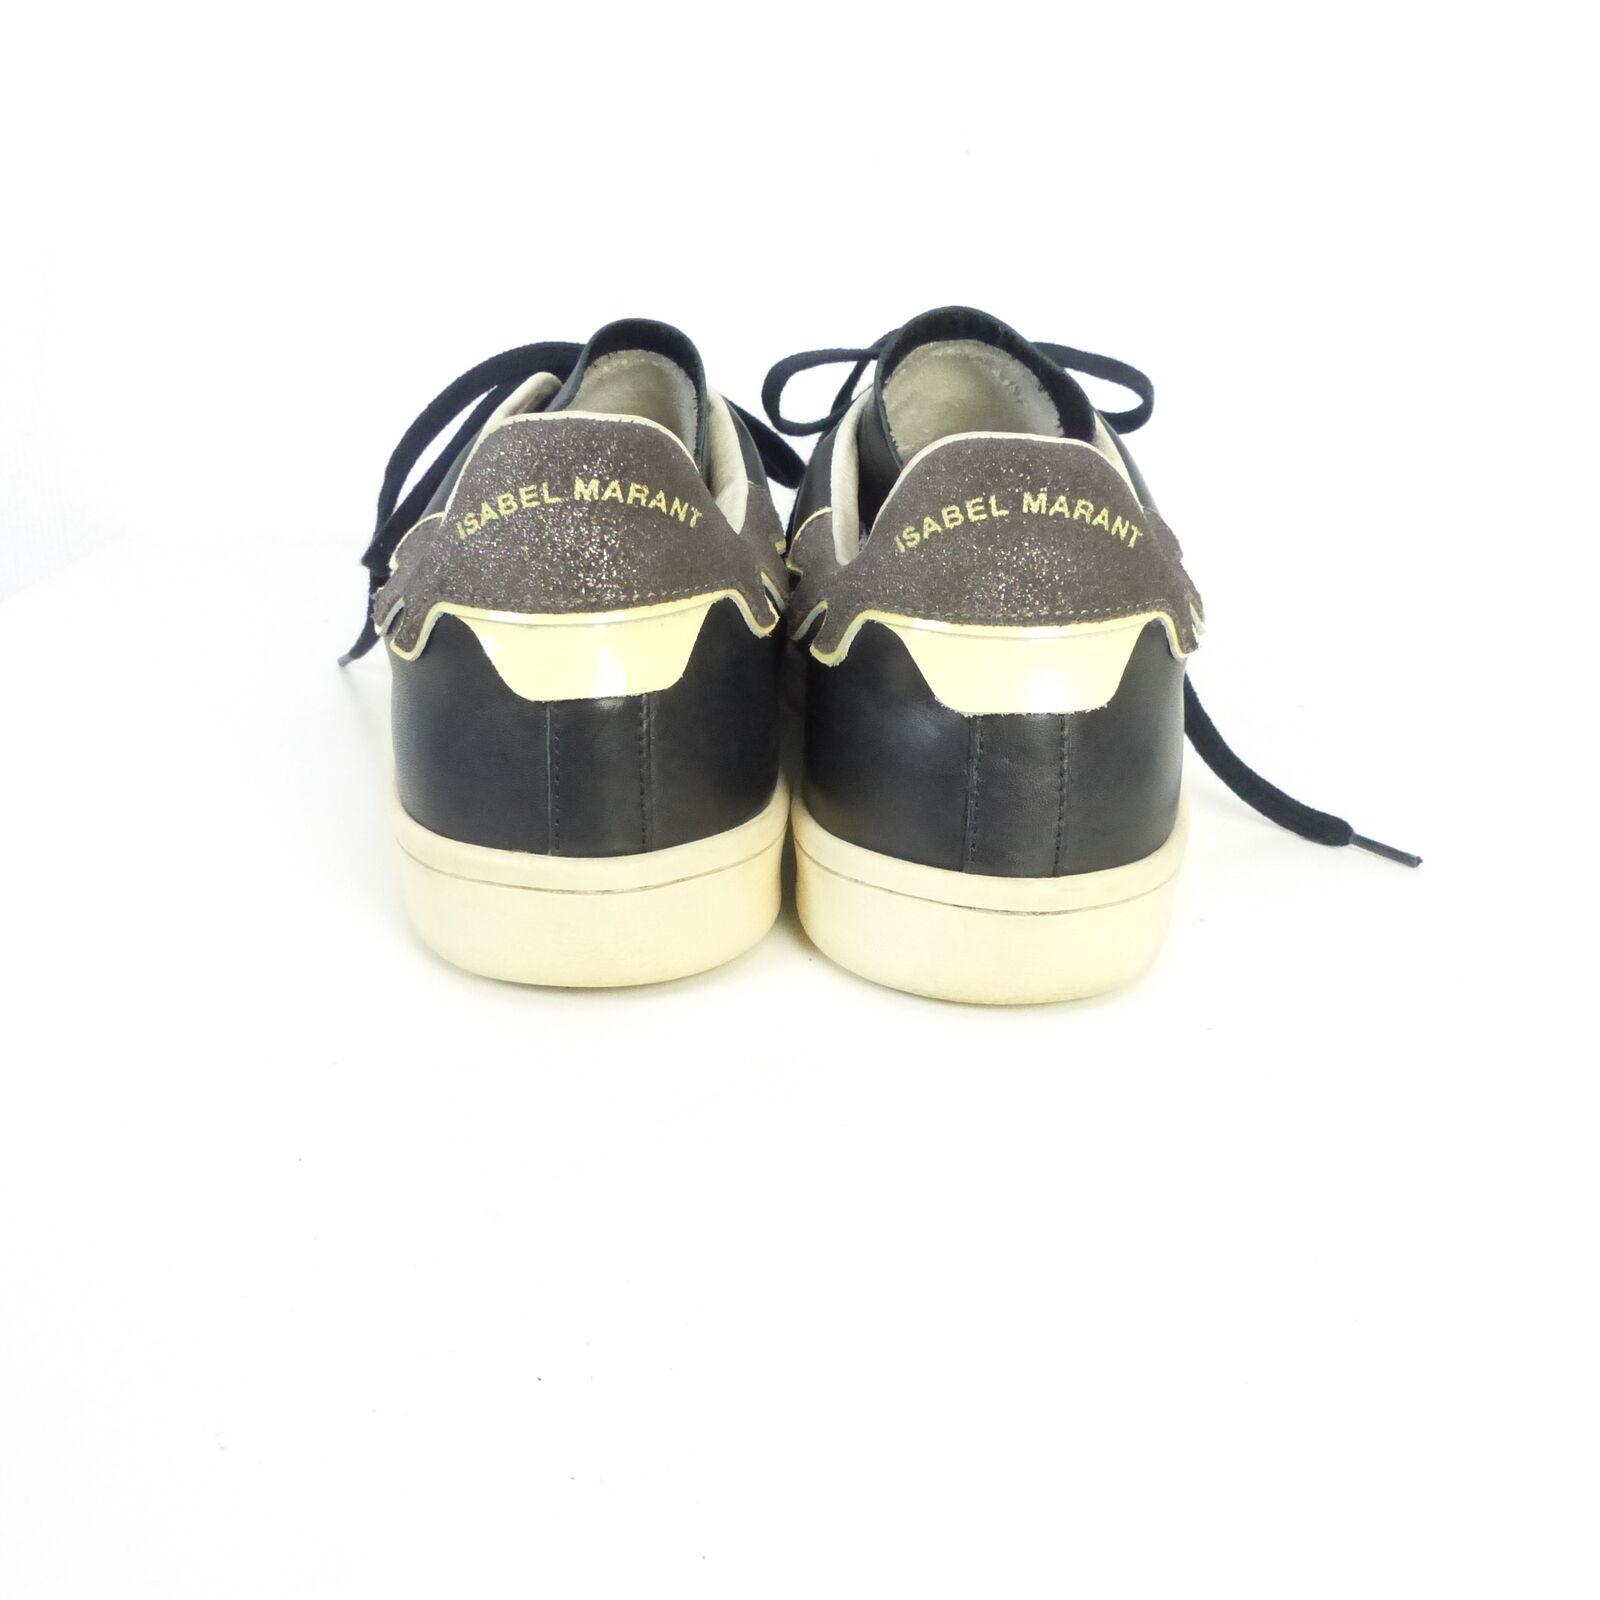 ISABEL MARANT Sneaker Turnschuhe (H142) Leder Schwarz Gr. 396 (H142) Turnschuhe 430325